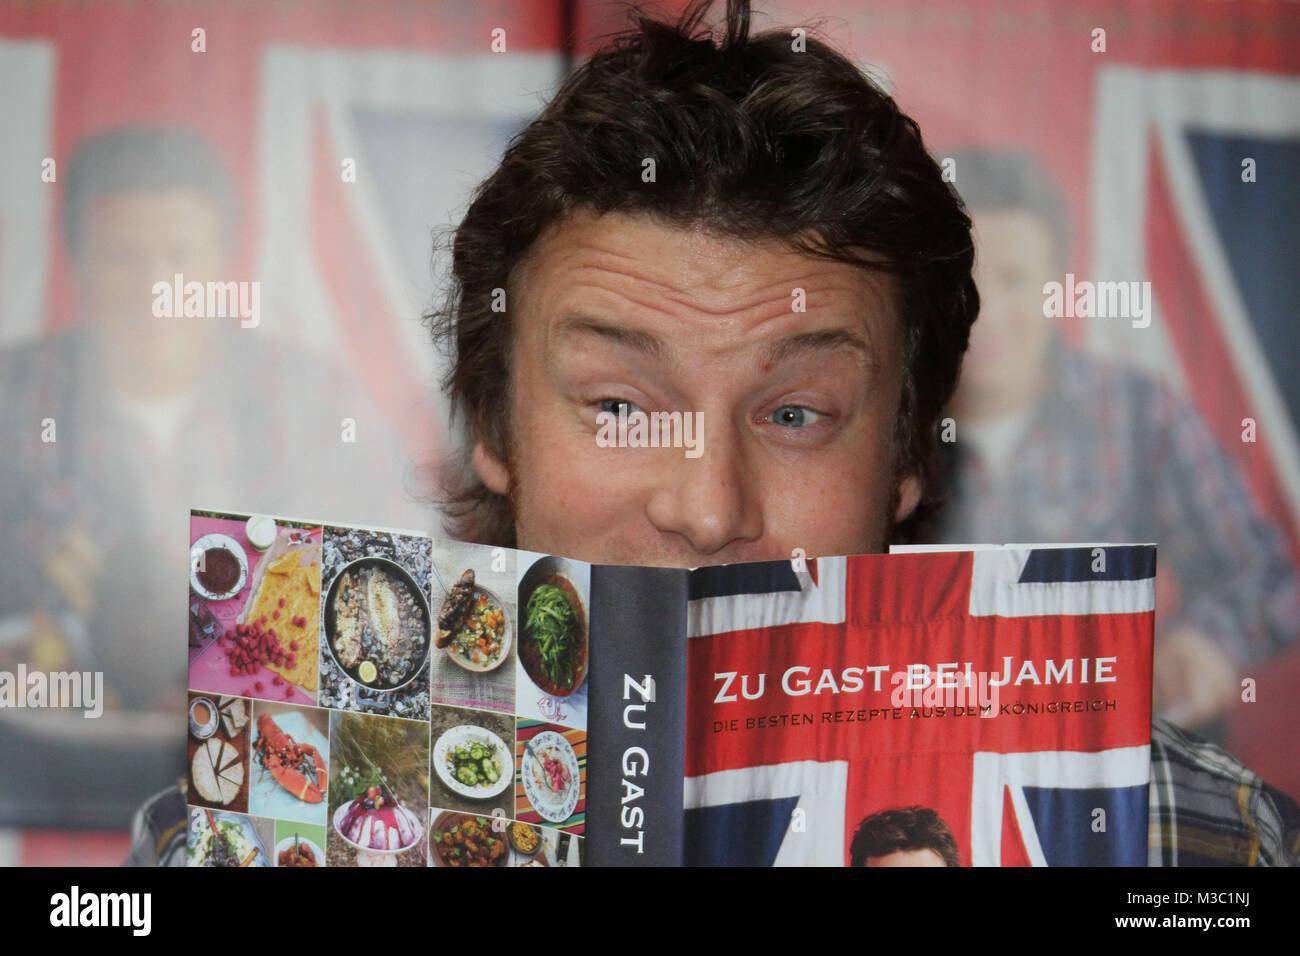 Weihnachtsessen Jamie Oliver.Photocall Mit Jamie Oliver Anlaesslich Des Erscheinens Seines Neuen